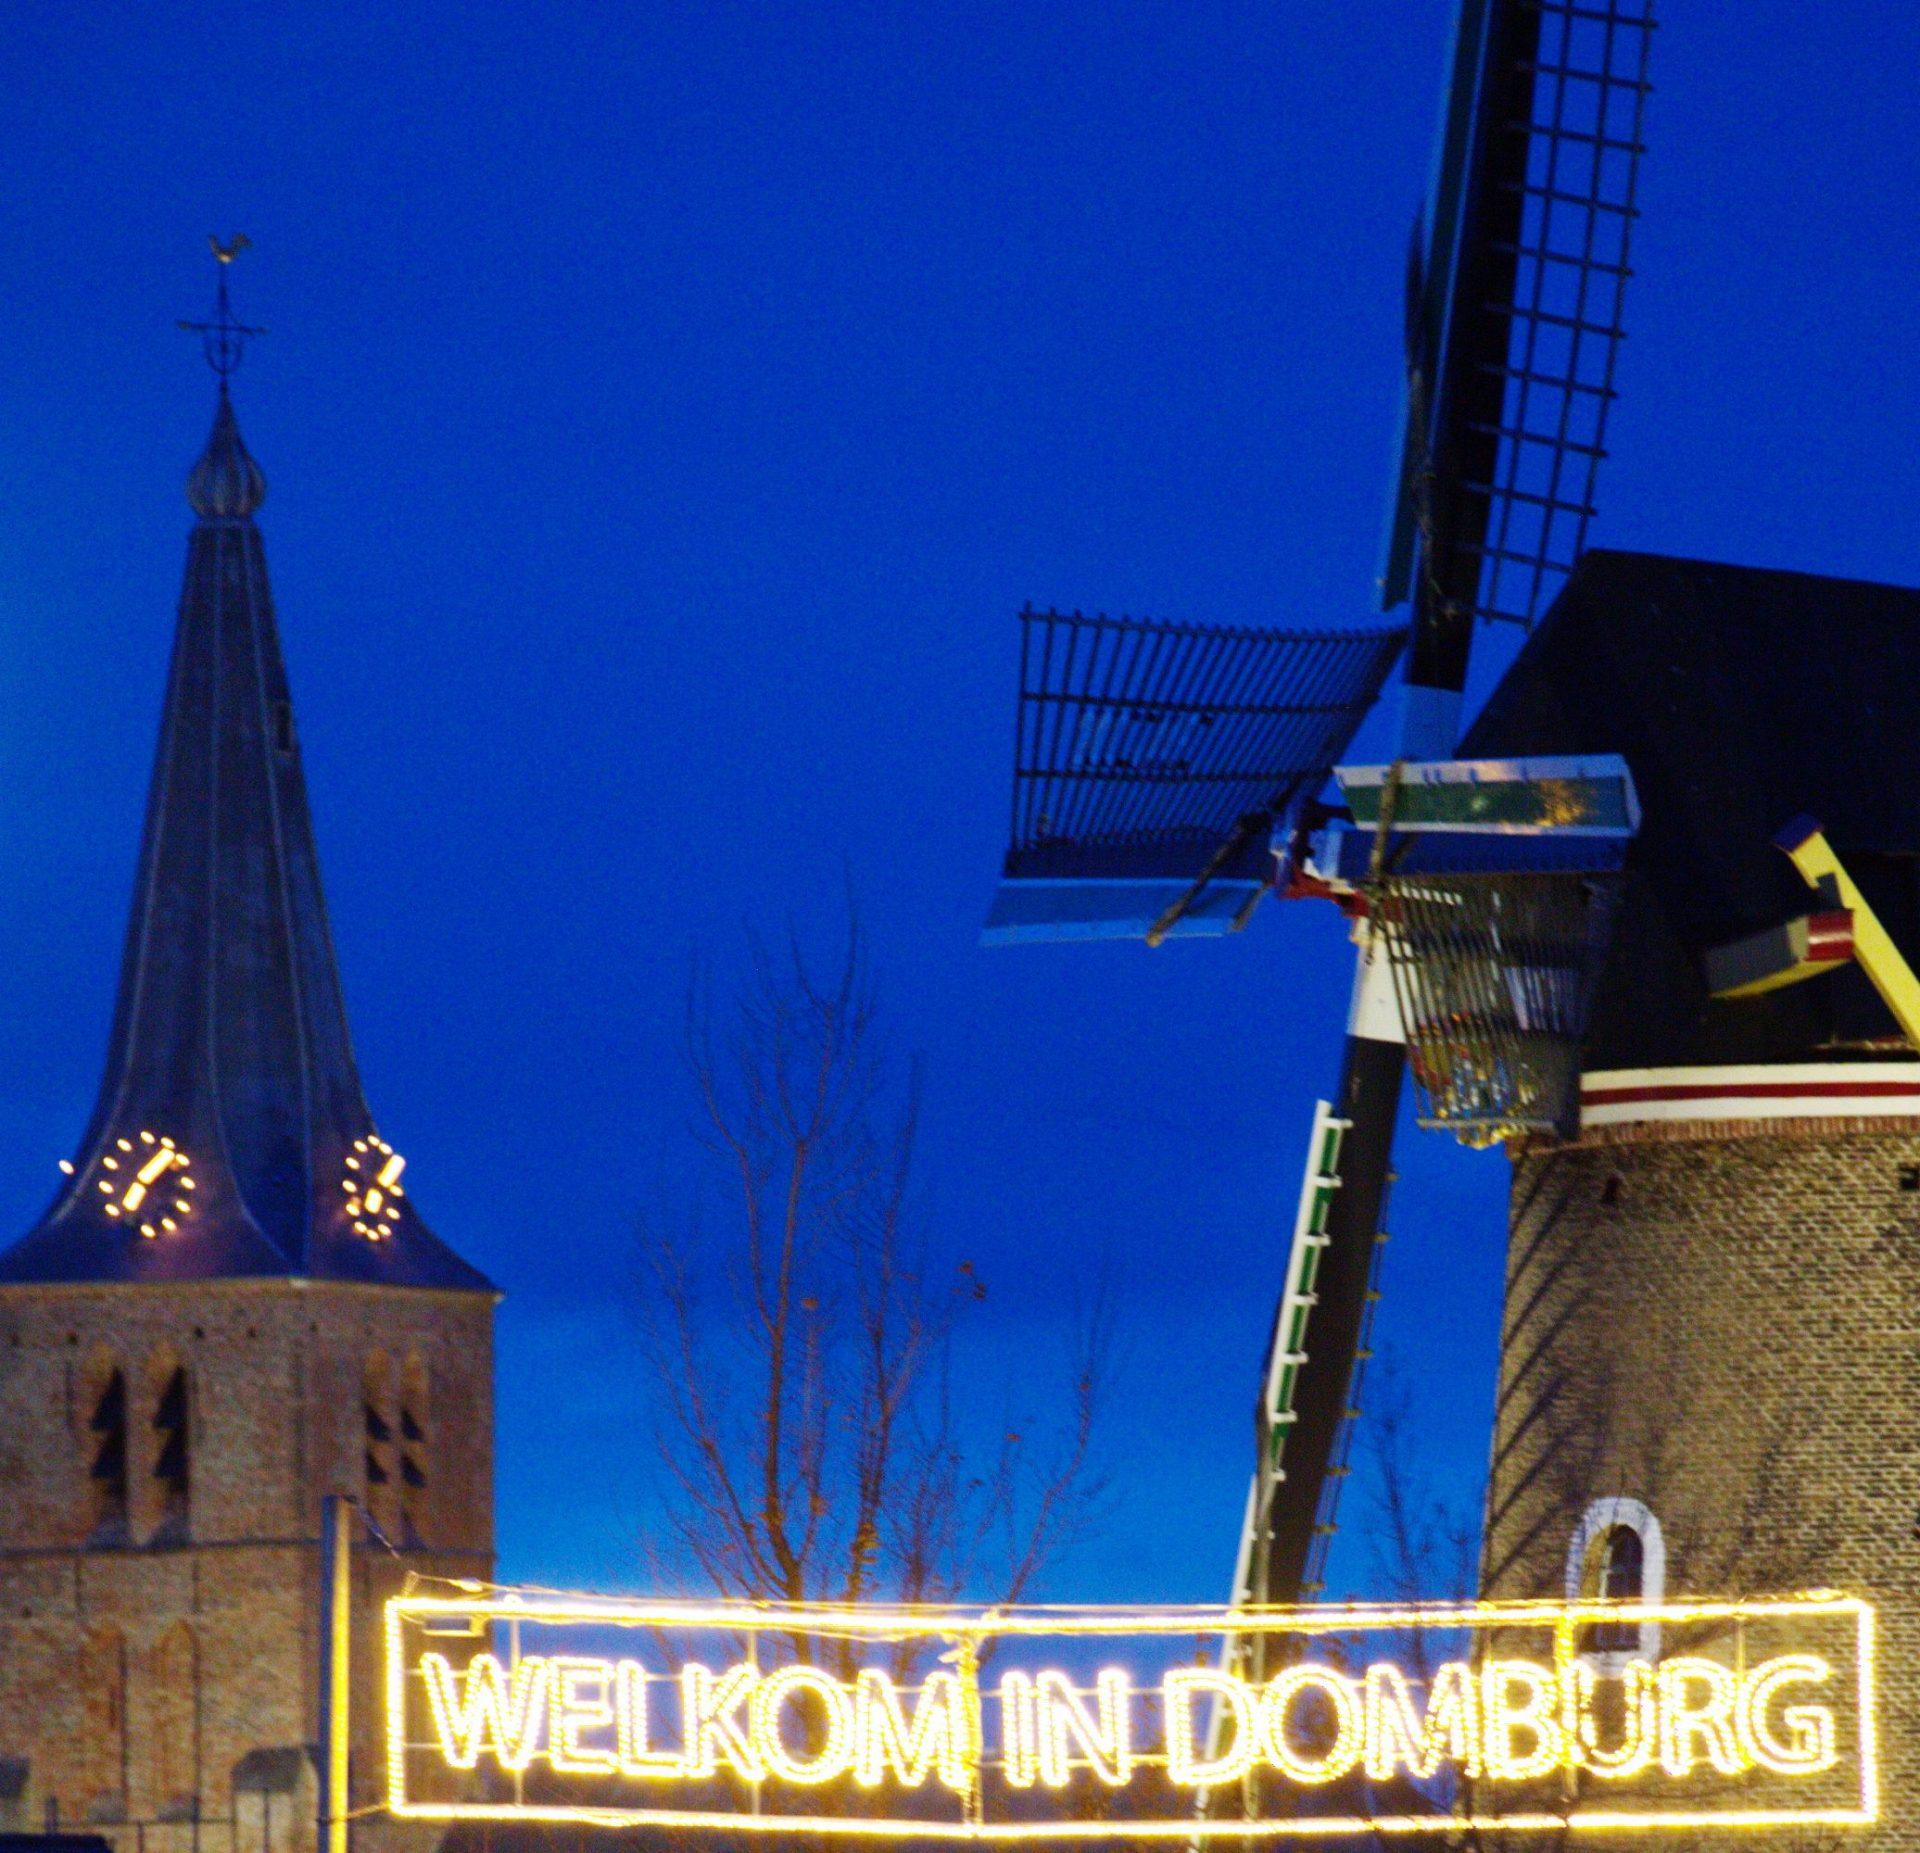 Willkommen in Domburg